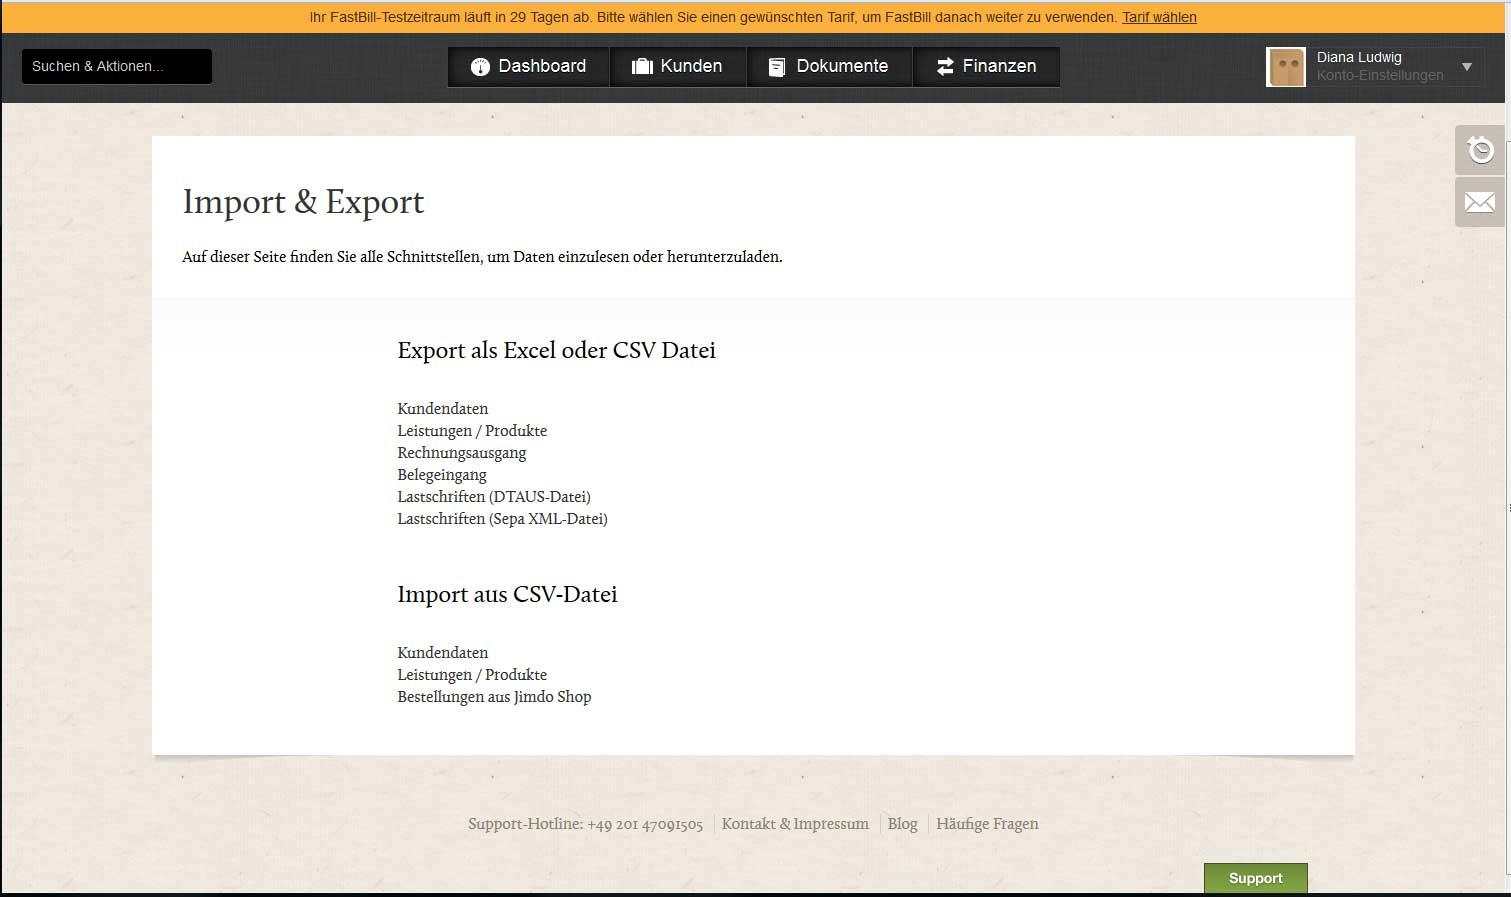 Screenshot der Import & Export Möglicbkeiten im Rechnungsprogramm FastBill